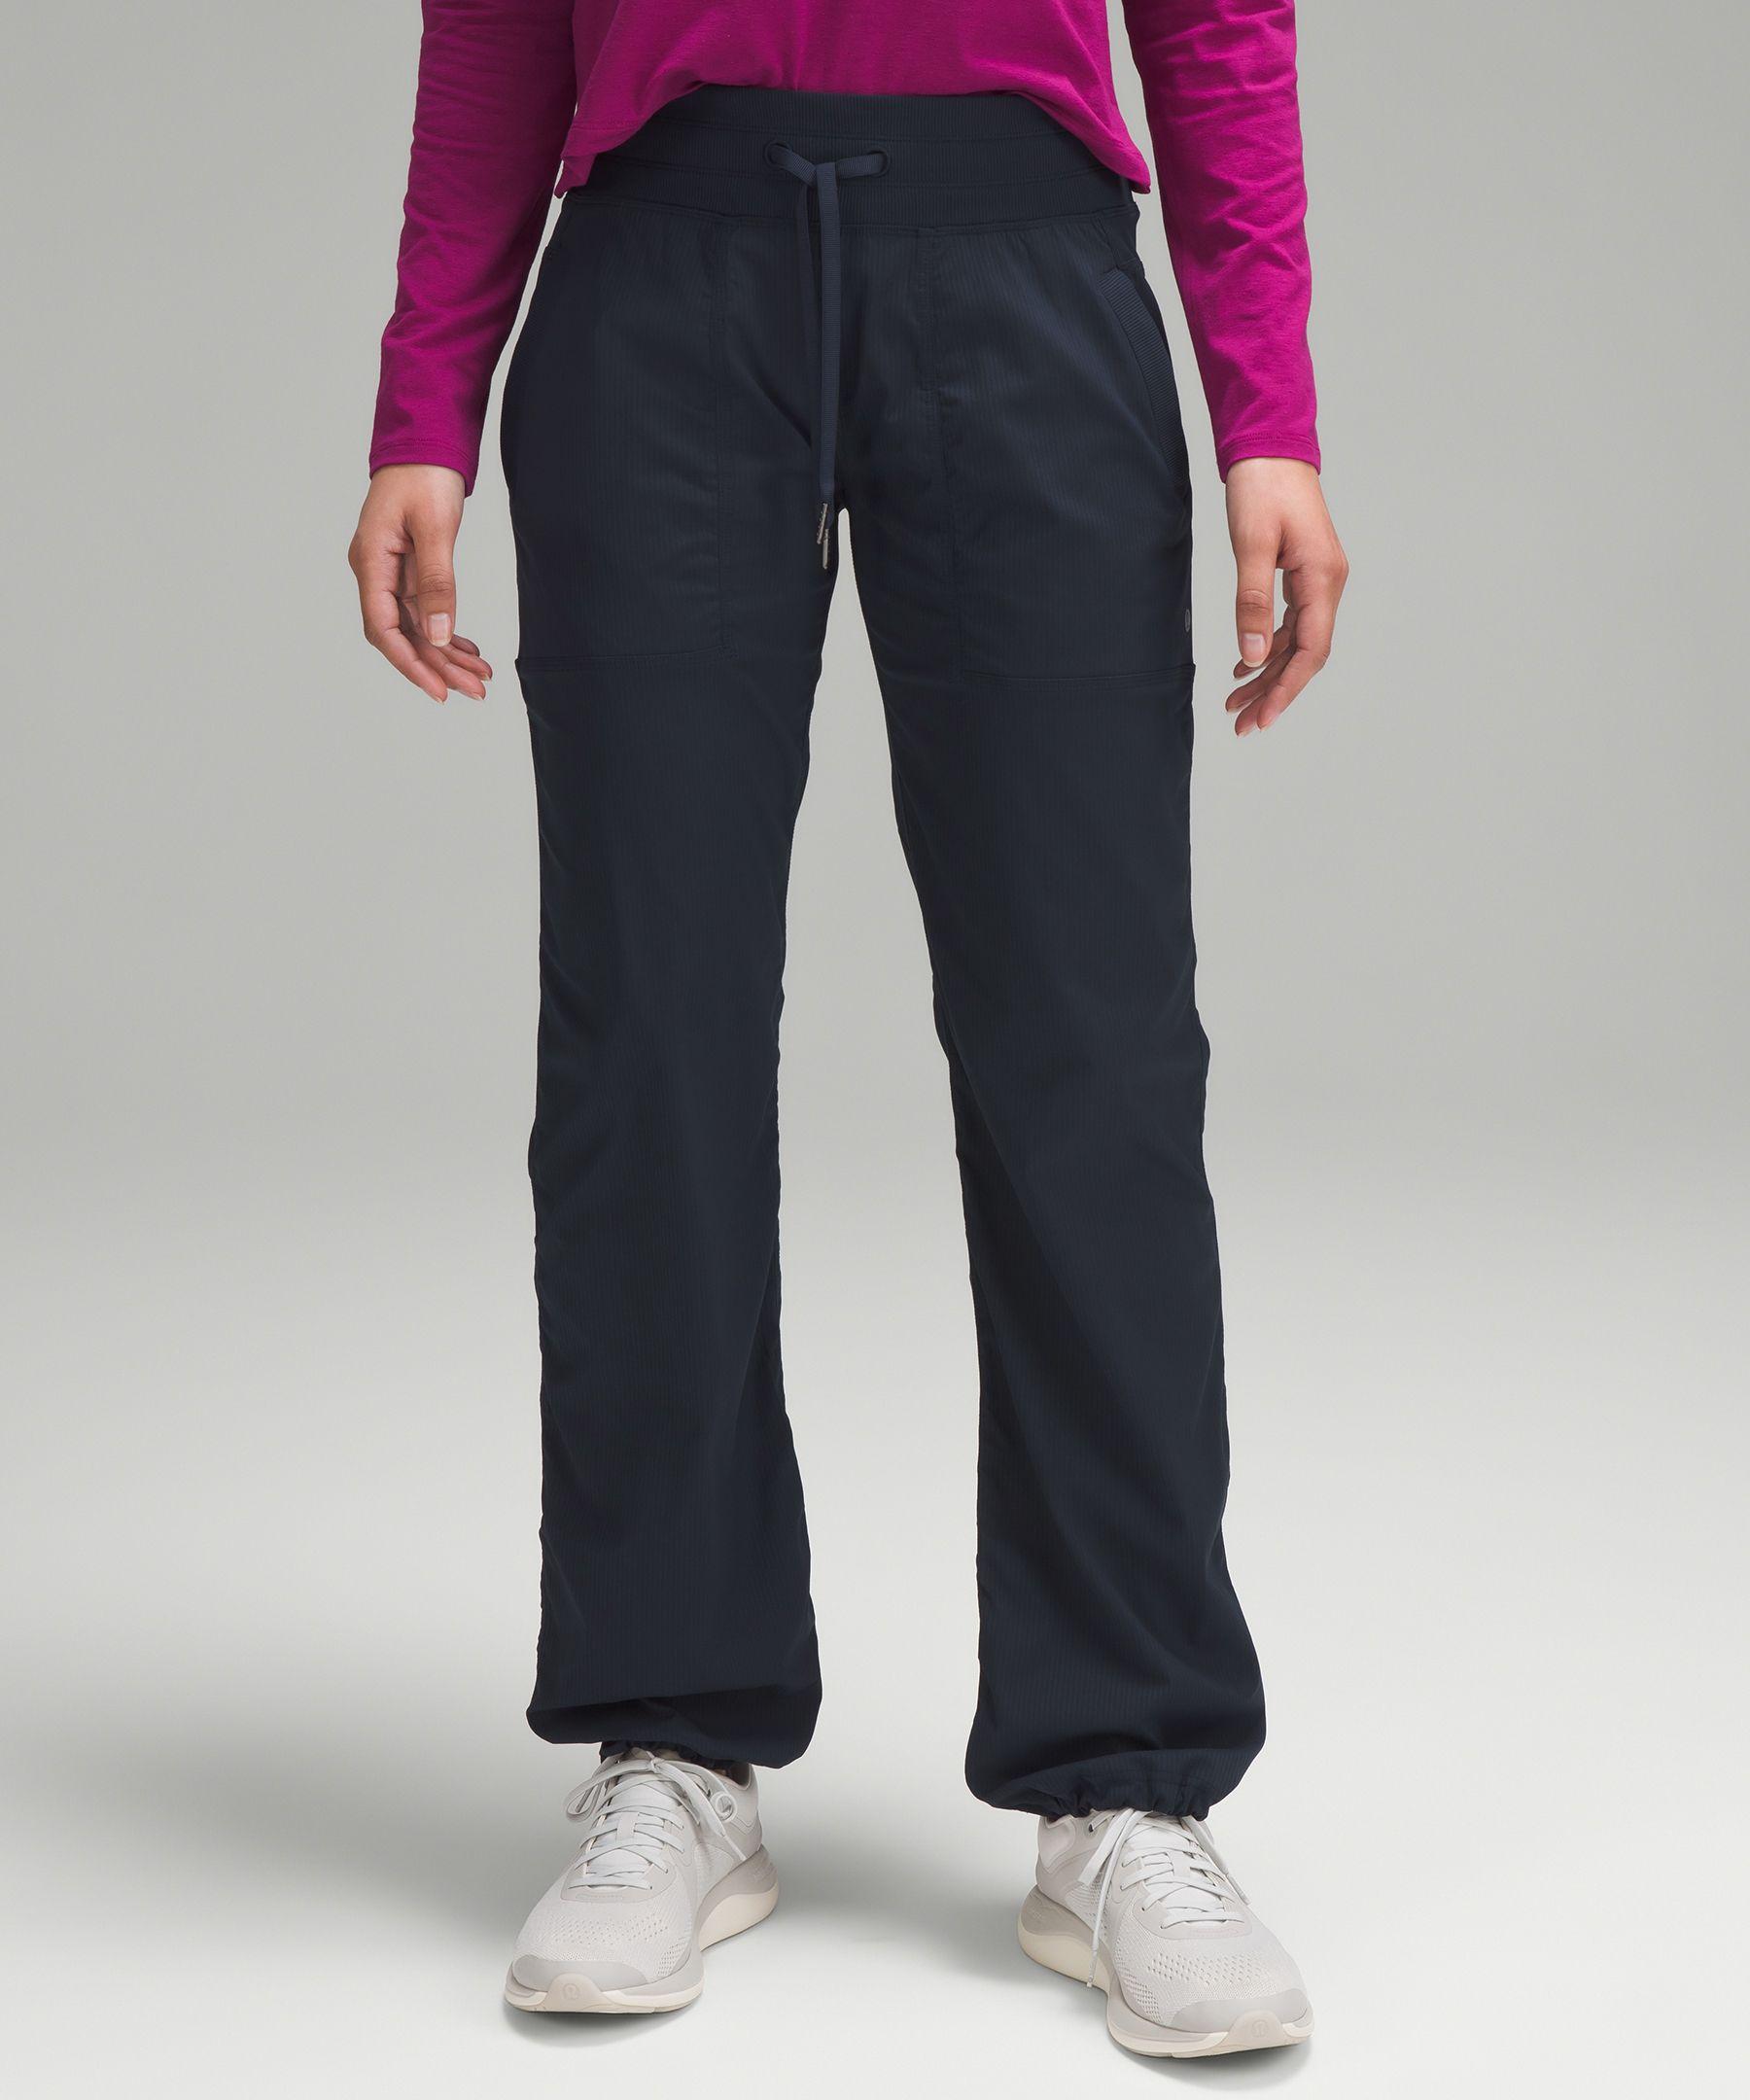 150171aa3ee59 Dance Studio Pant III *Lined | Women's Yoga Pants | lululemon athletica